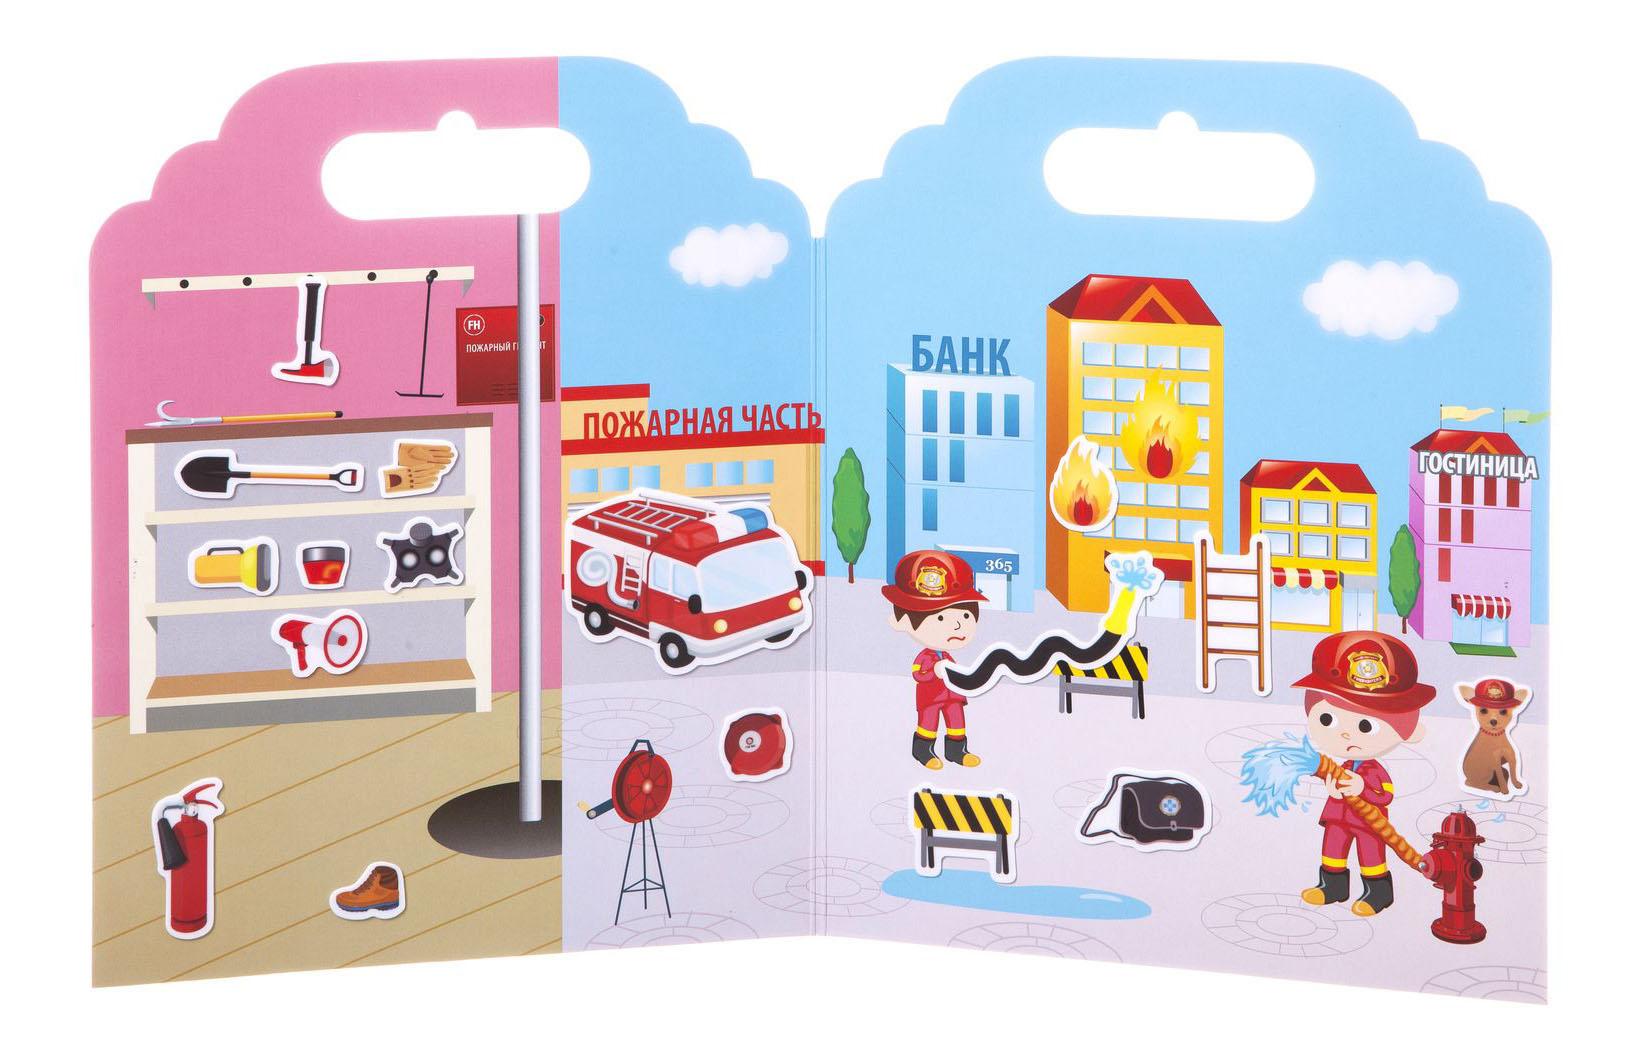 Купить Набор наклеек Нано-стикер Пожарная команда, Bondibon, 19х24 см., арт. TP-S26, Набор наклеек нано-стикер пожарная команда, Bondibon 19х24 см, Аксессуары для детской комнаты